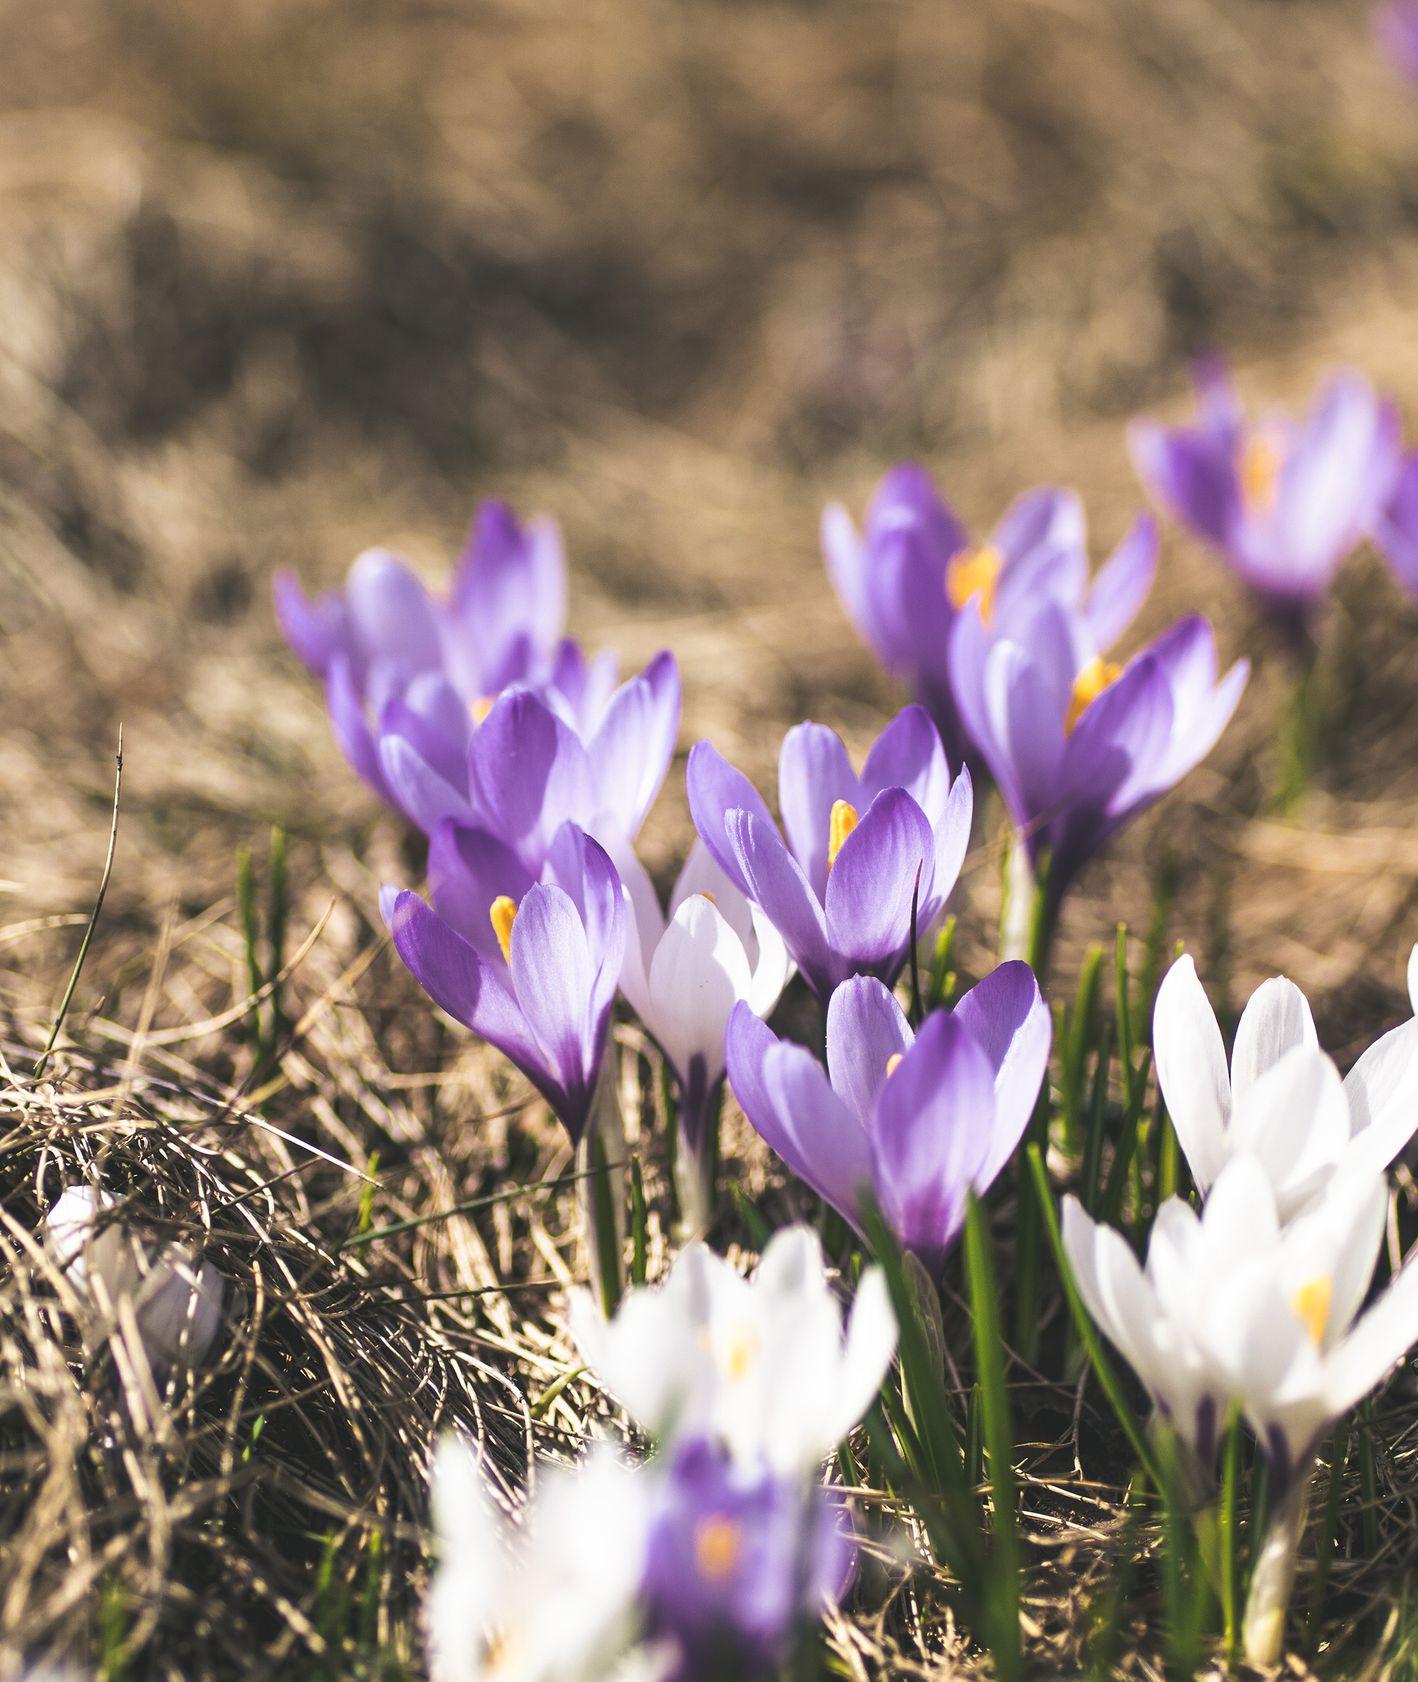 Pierwsze krokusy, wiosenne kwiaty (fot. Achim Ruhnau / unsplash.com)